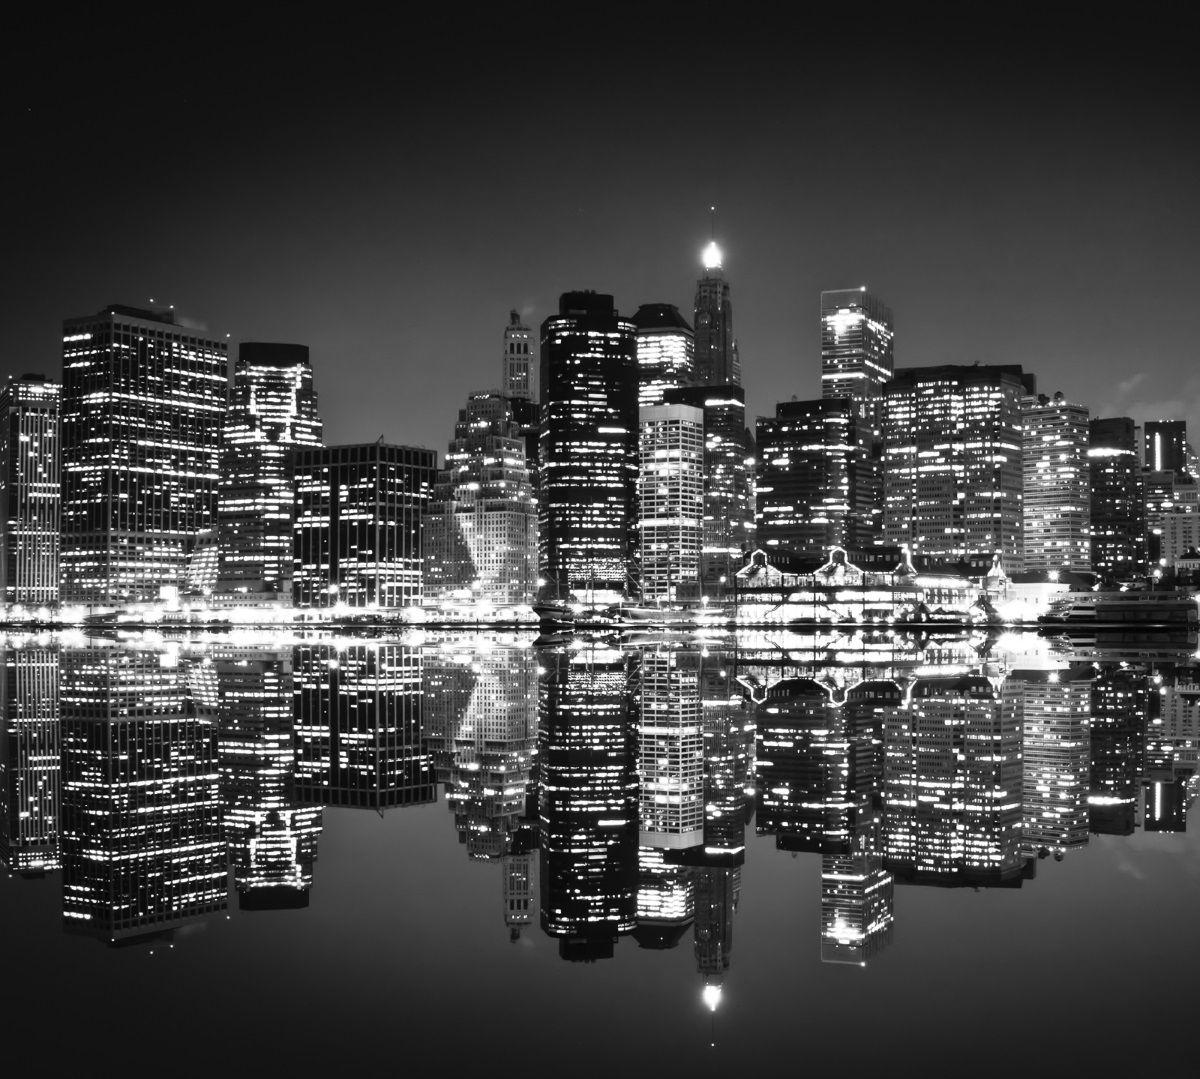 Фотообои флизилиновыеМосковская обойная фабрика Ночной город, 300 х 270 см2139-МЭкологически чистые флизилиновые фотообои Ночной город, 3,0х2,7м 2139-М